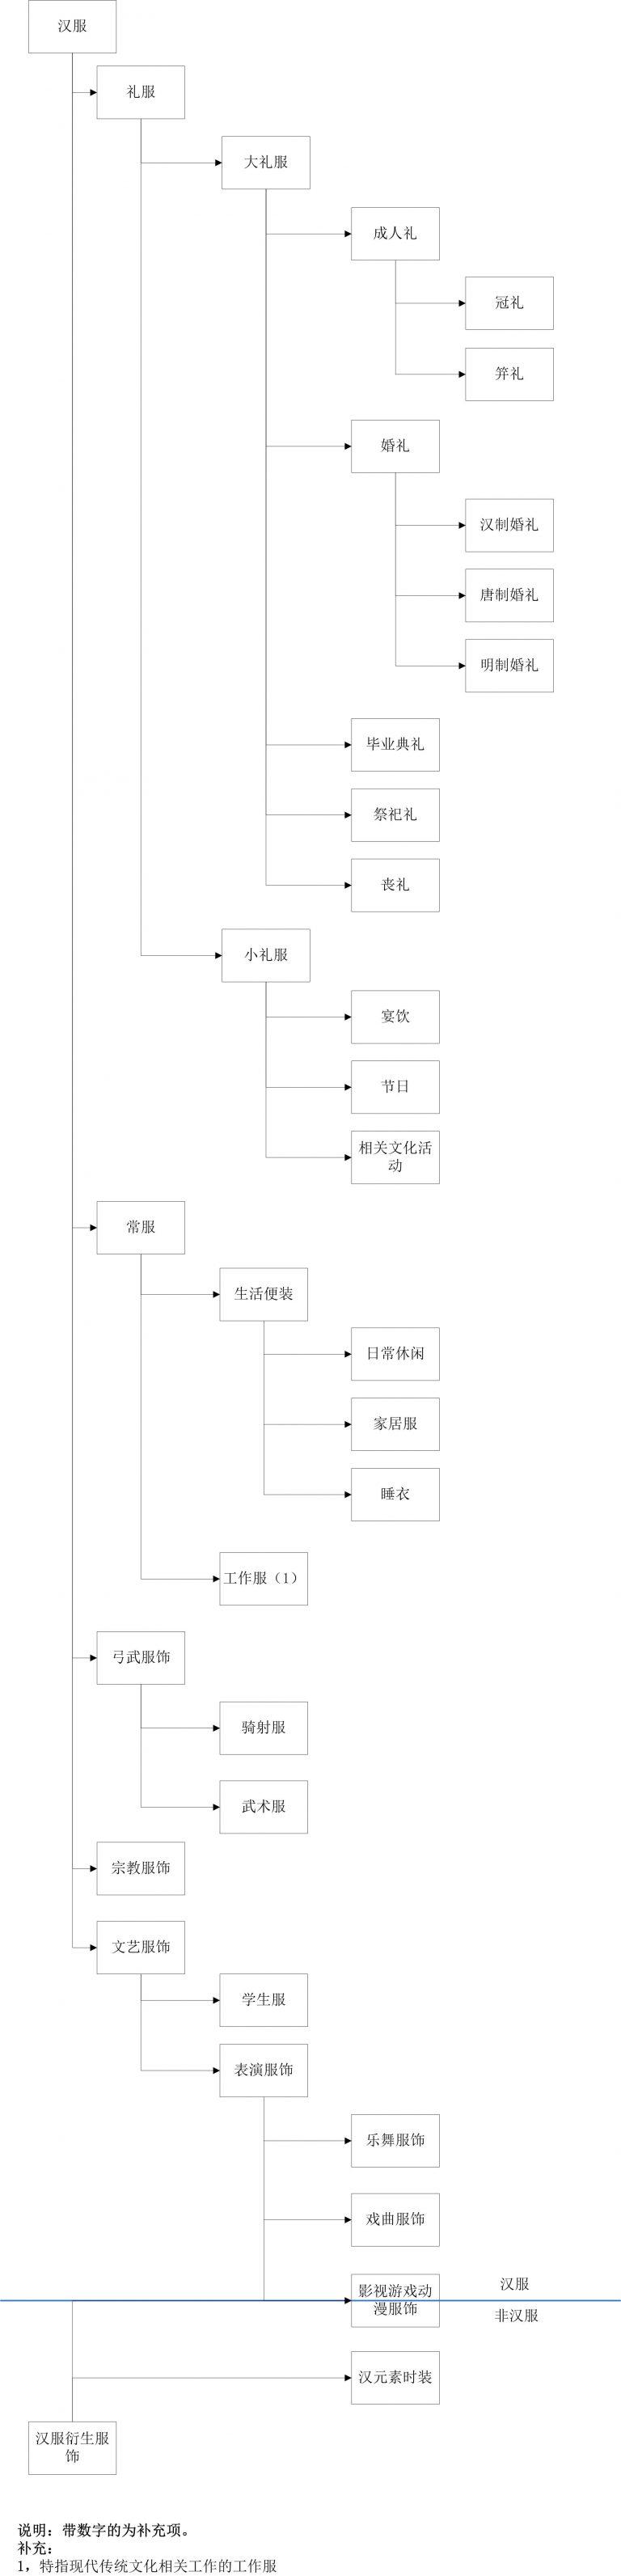 yongtu-1-768x3185[1].jpg